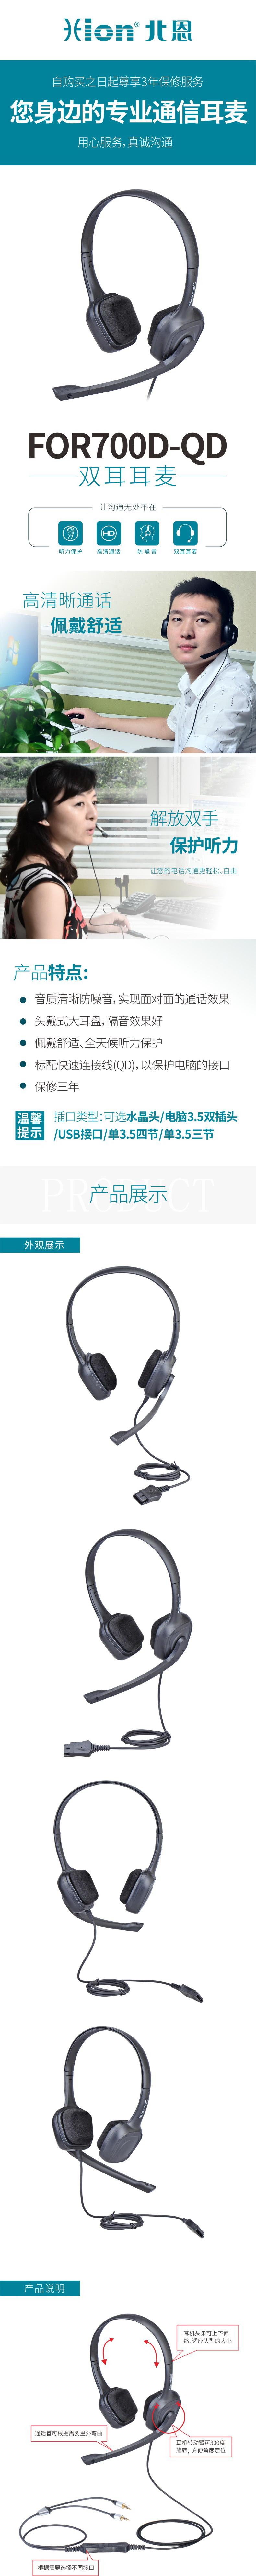 北恩 For700d